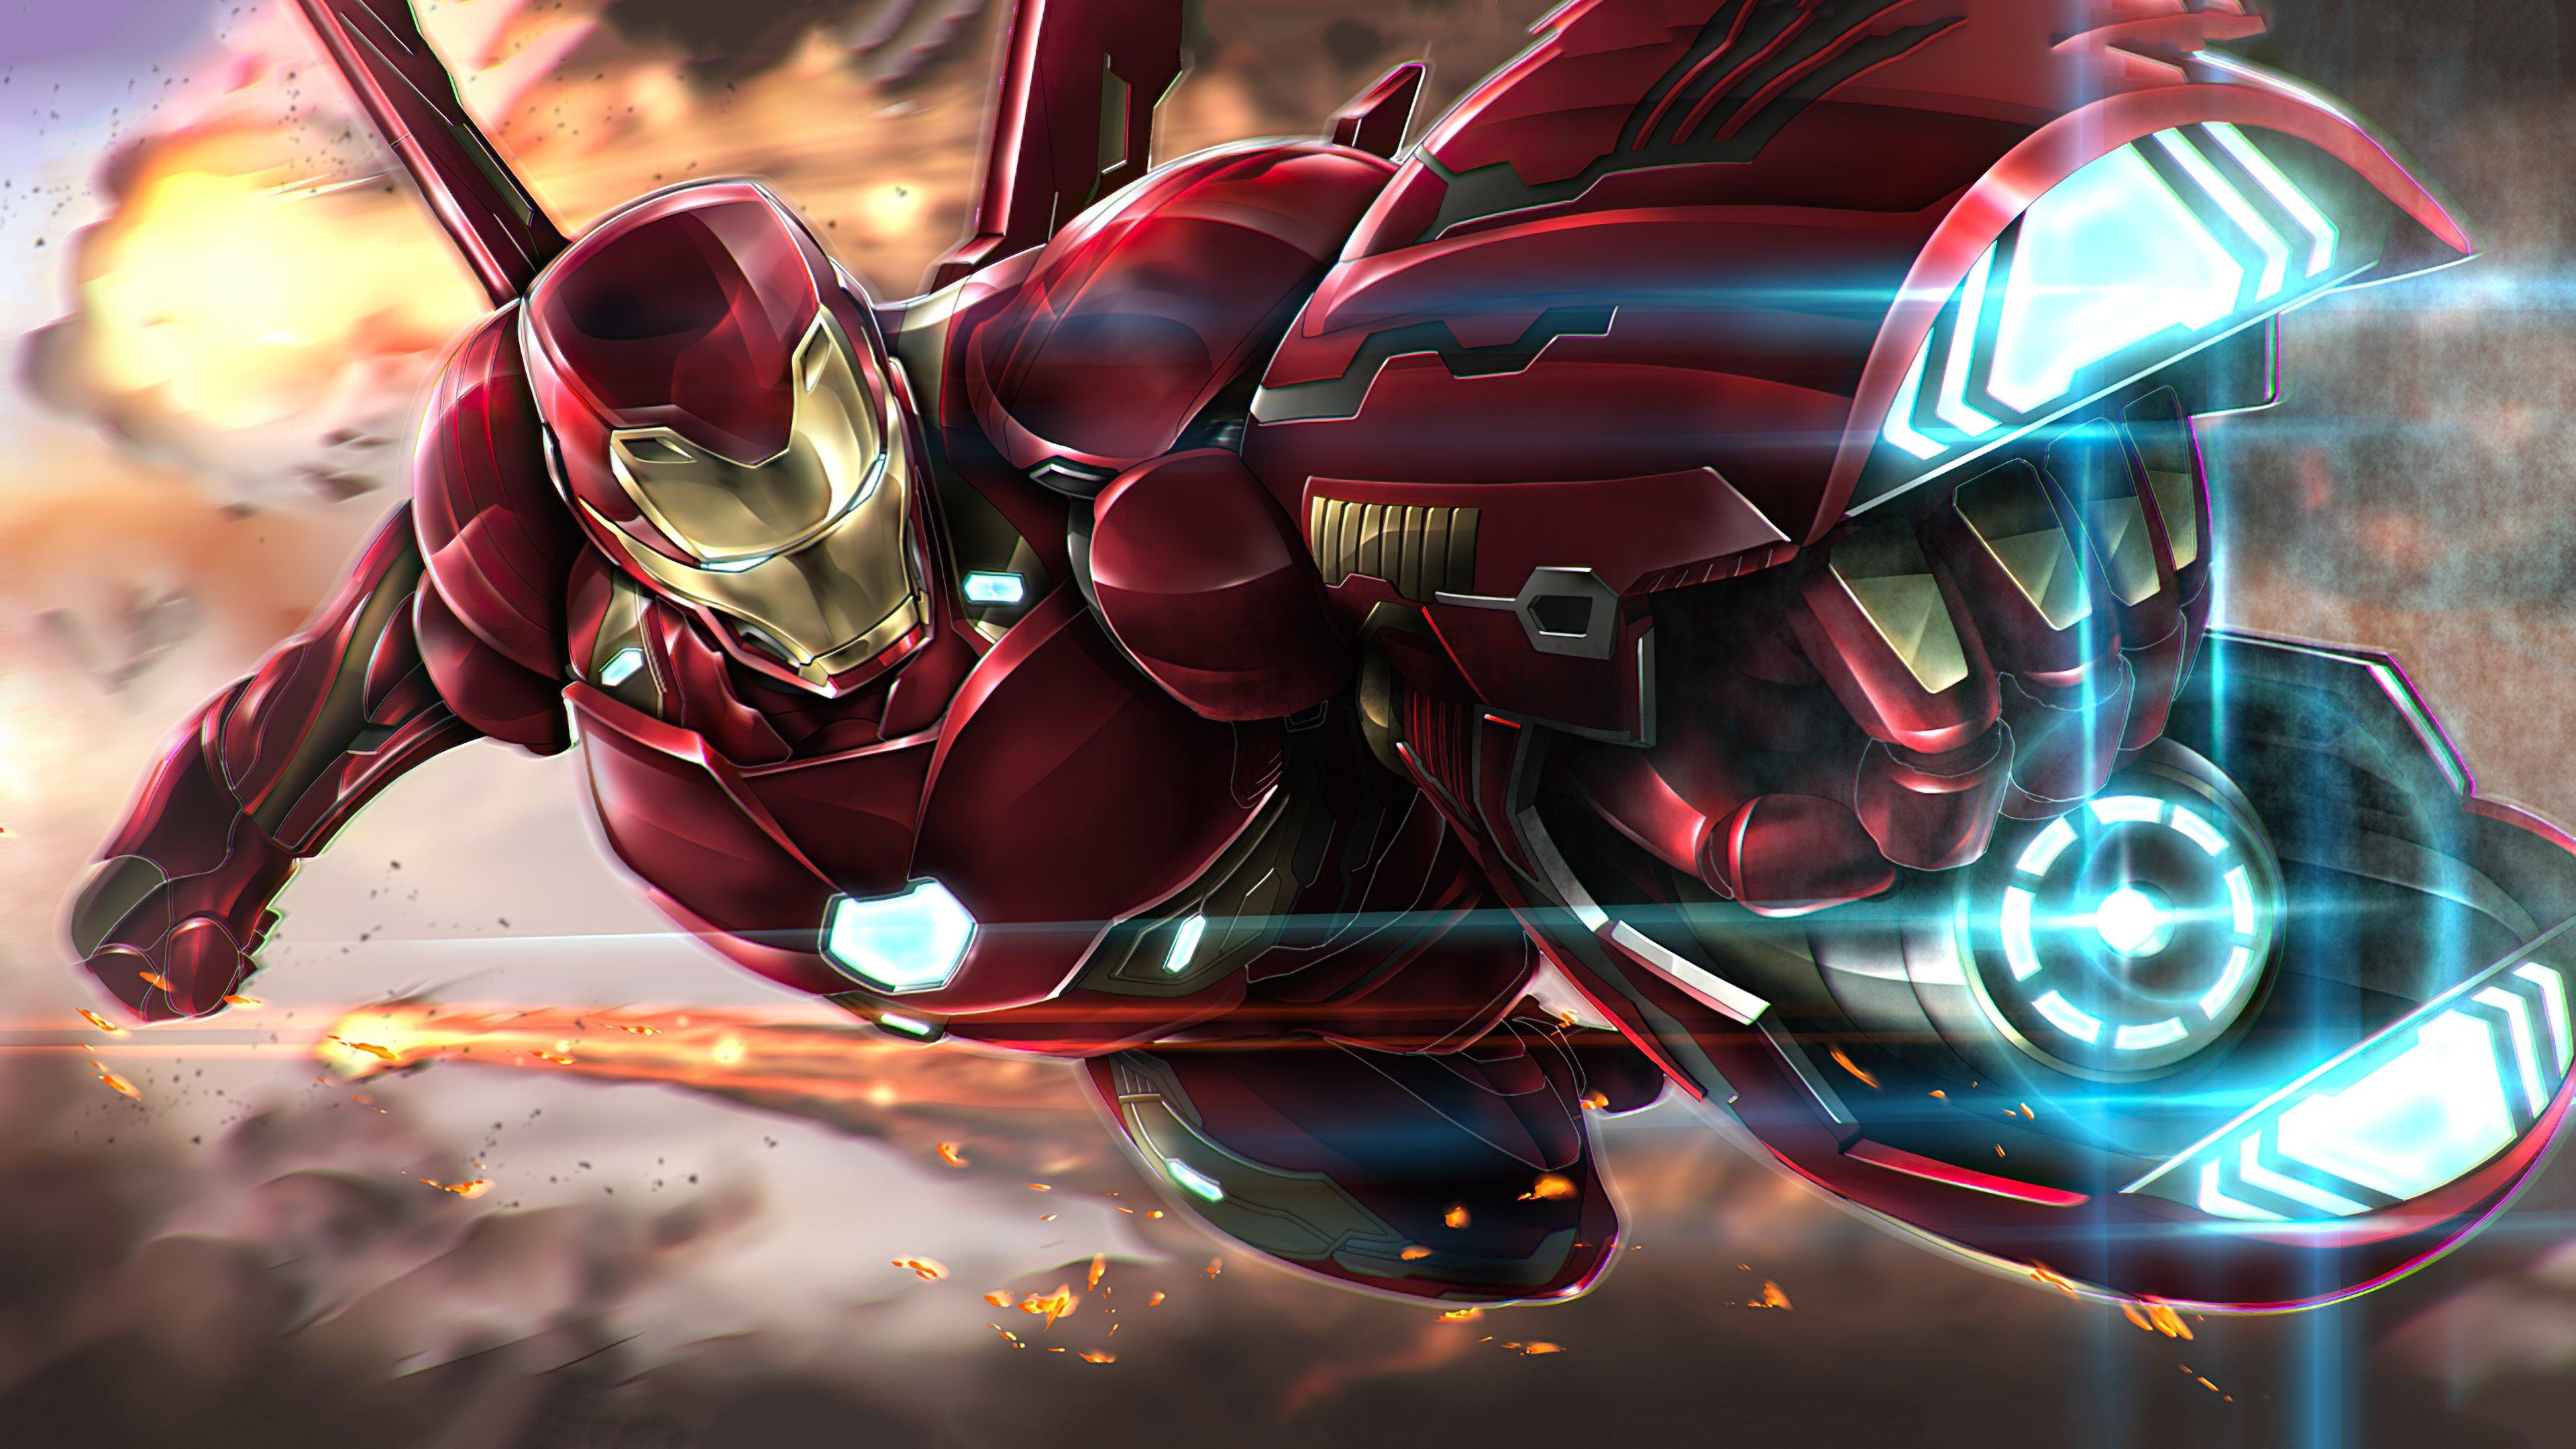 Fondos de pantalla Armadura de Iron Man 2020